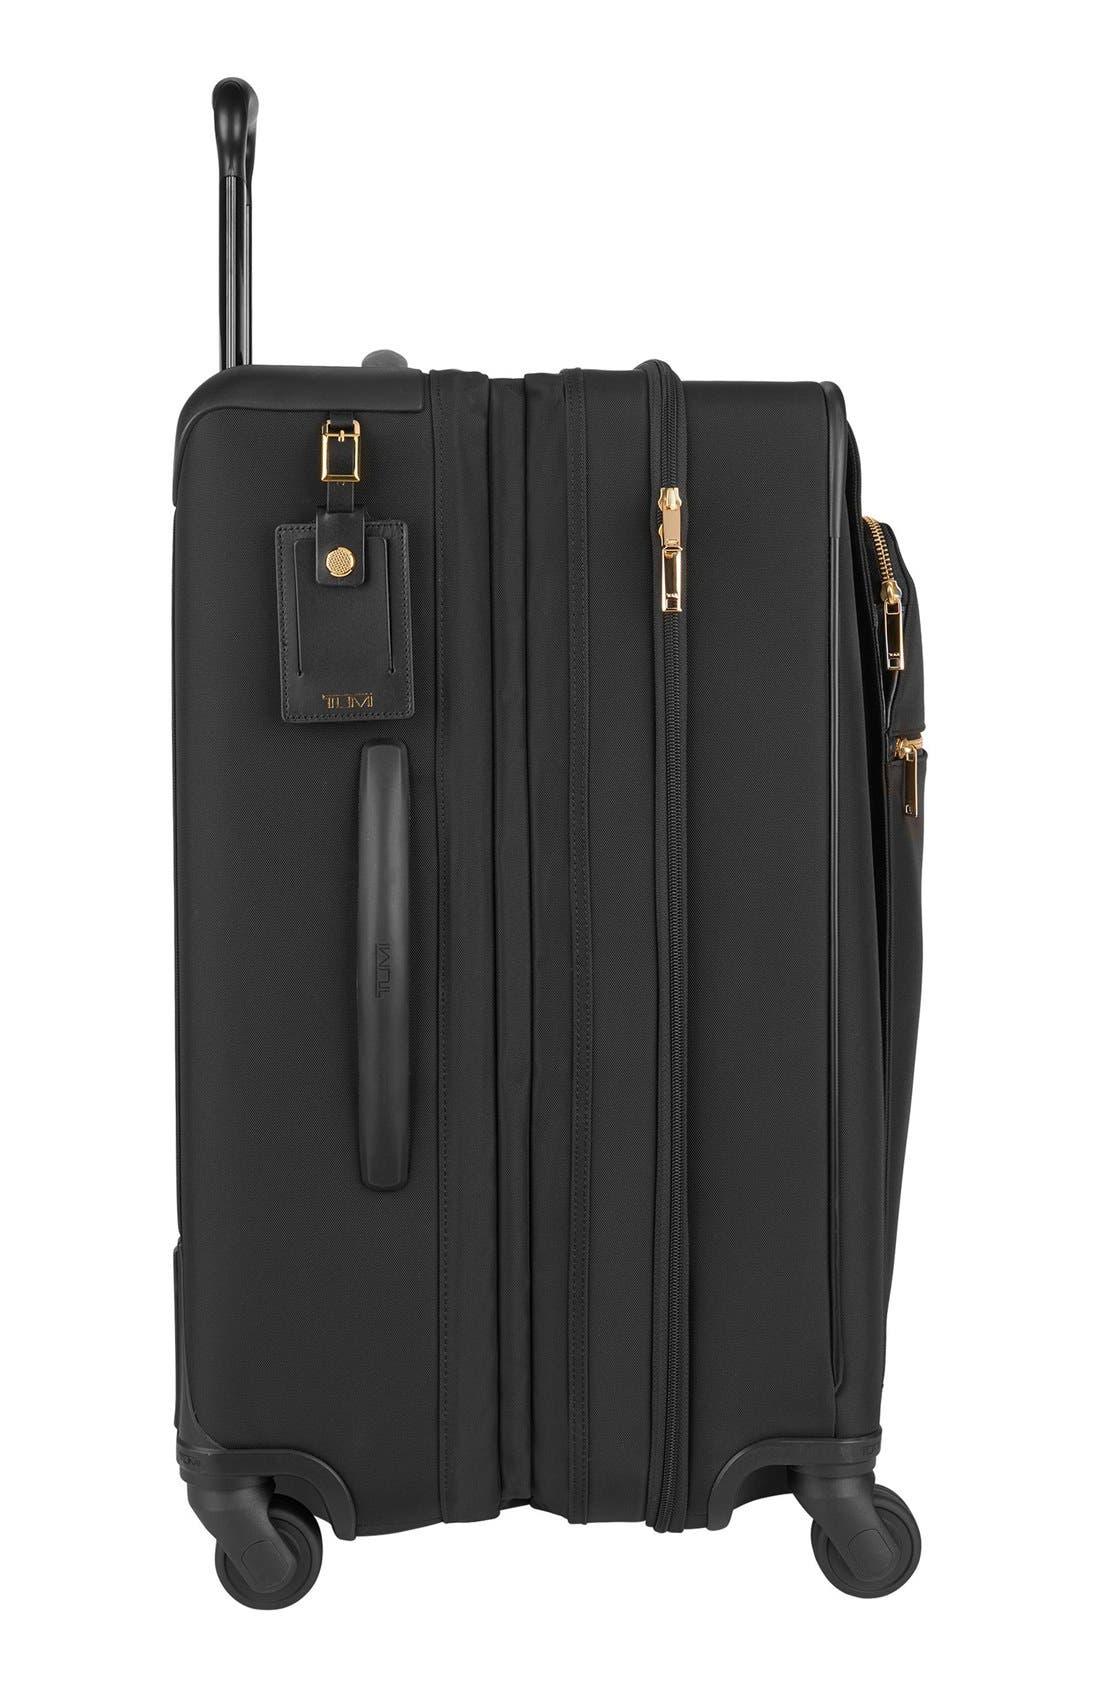 Larkin - Jess Short Trip 26-Inch Expandable 4-Wheel Suitcase,                             Alternate thumbnail 11, color,                             BLACK